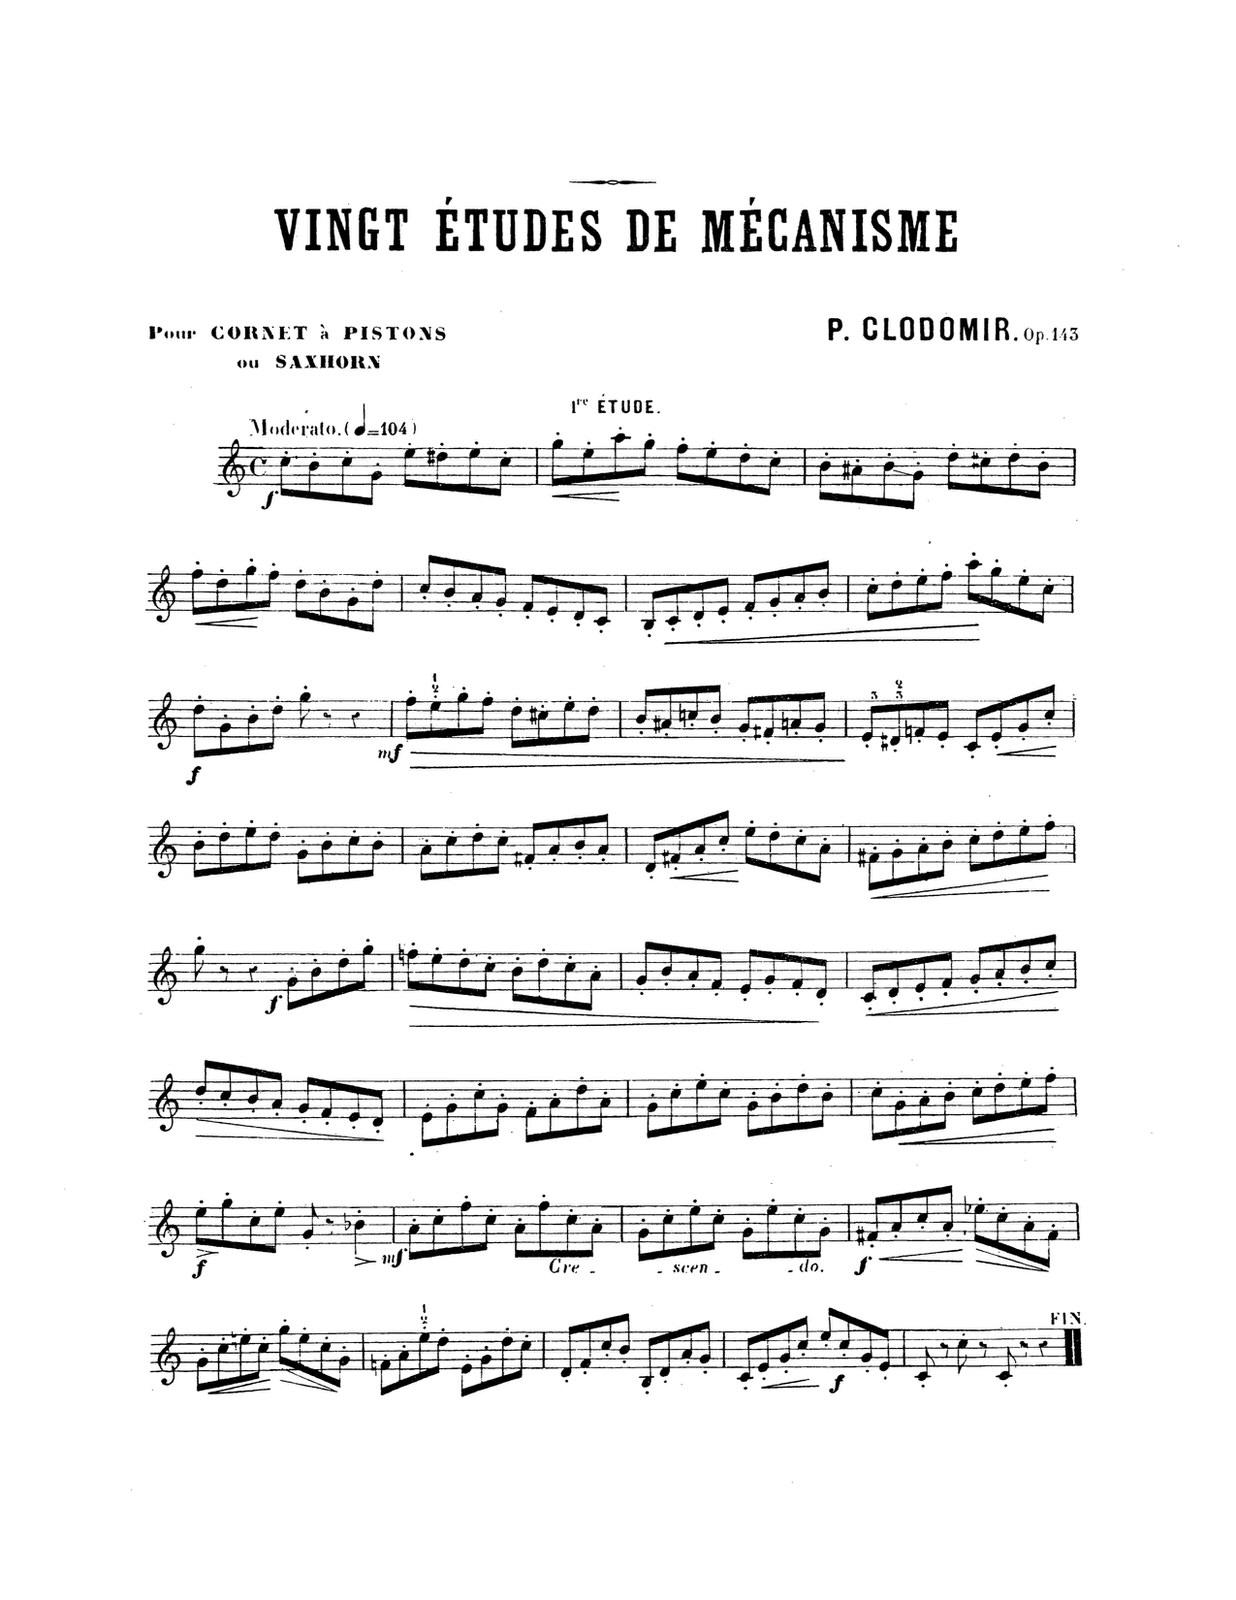 Clodomir, Ecole Moderne Vol.5 Vingt Etudes De Mechanism PDF